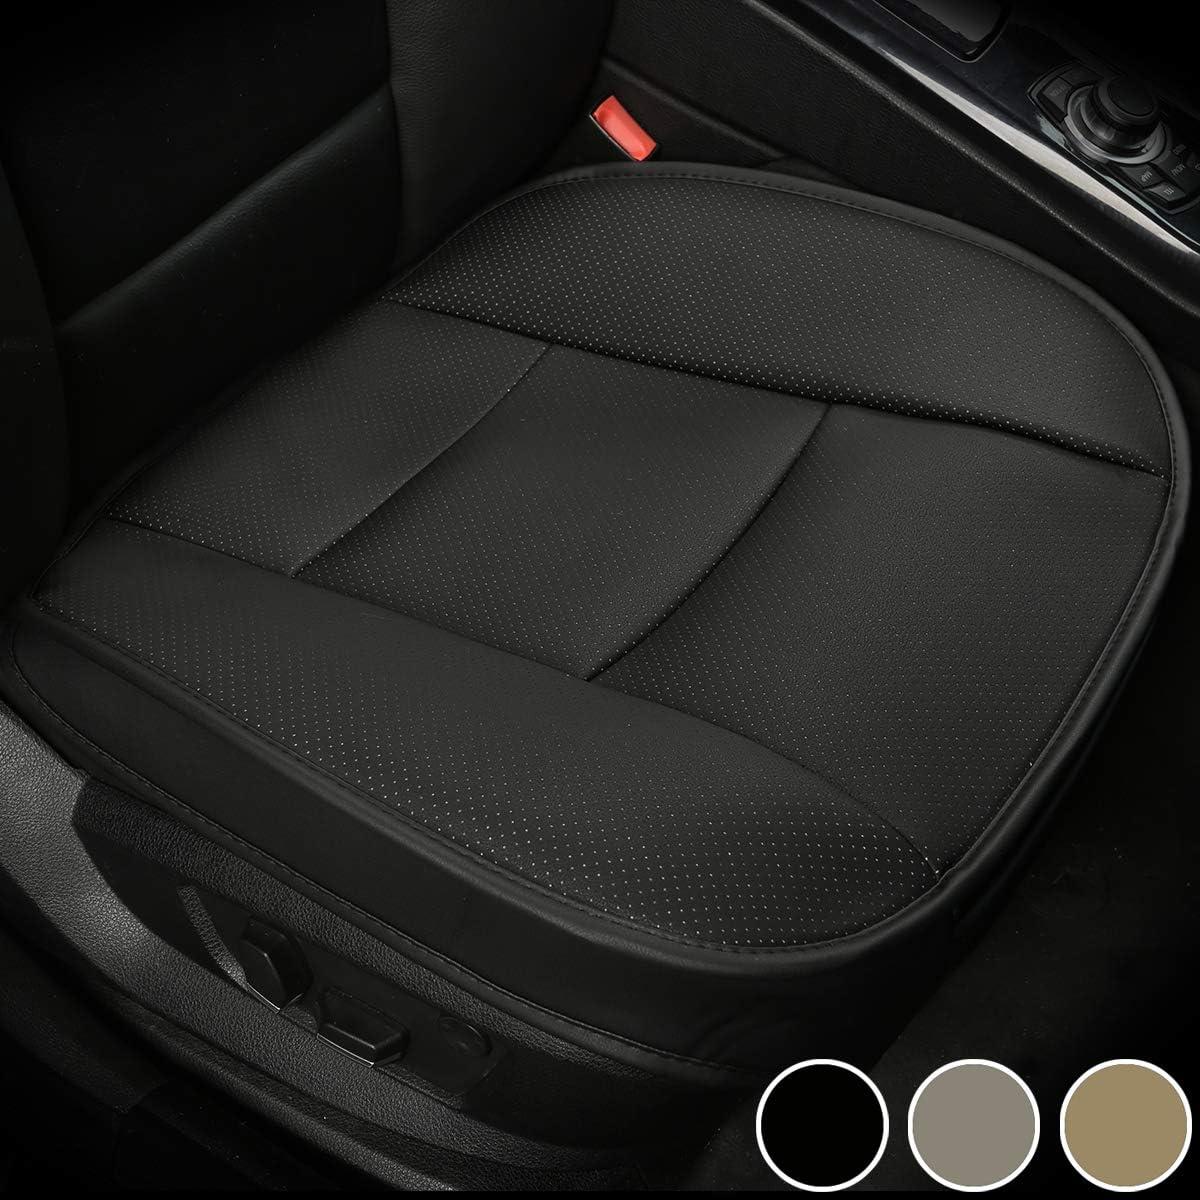 2 Pi/èces, Noir Car/Seat/Cover Design Enveloppant Big Ant Respirant Coussin/Siege Voiture Conducteur Couvre/Si/ège/Auto Tapis Voiture Housse de Siege en Cuir PU Charbon de Bambou